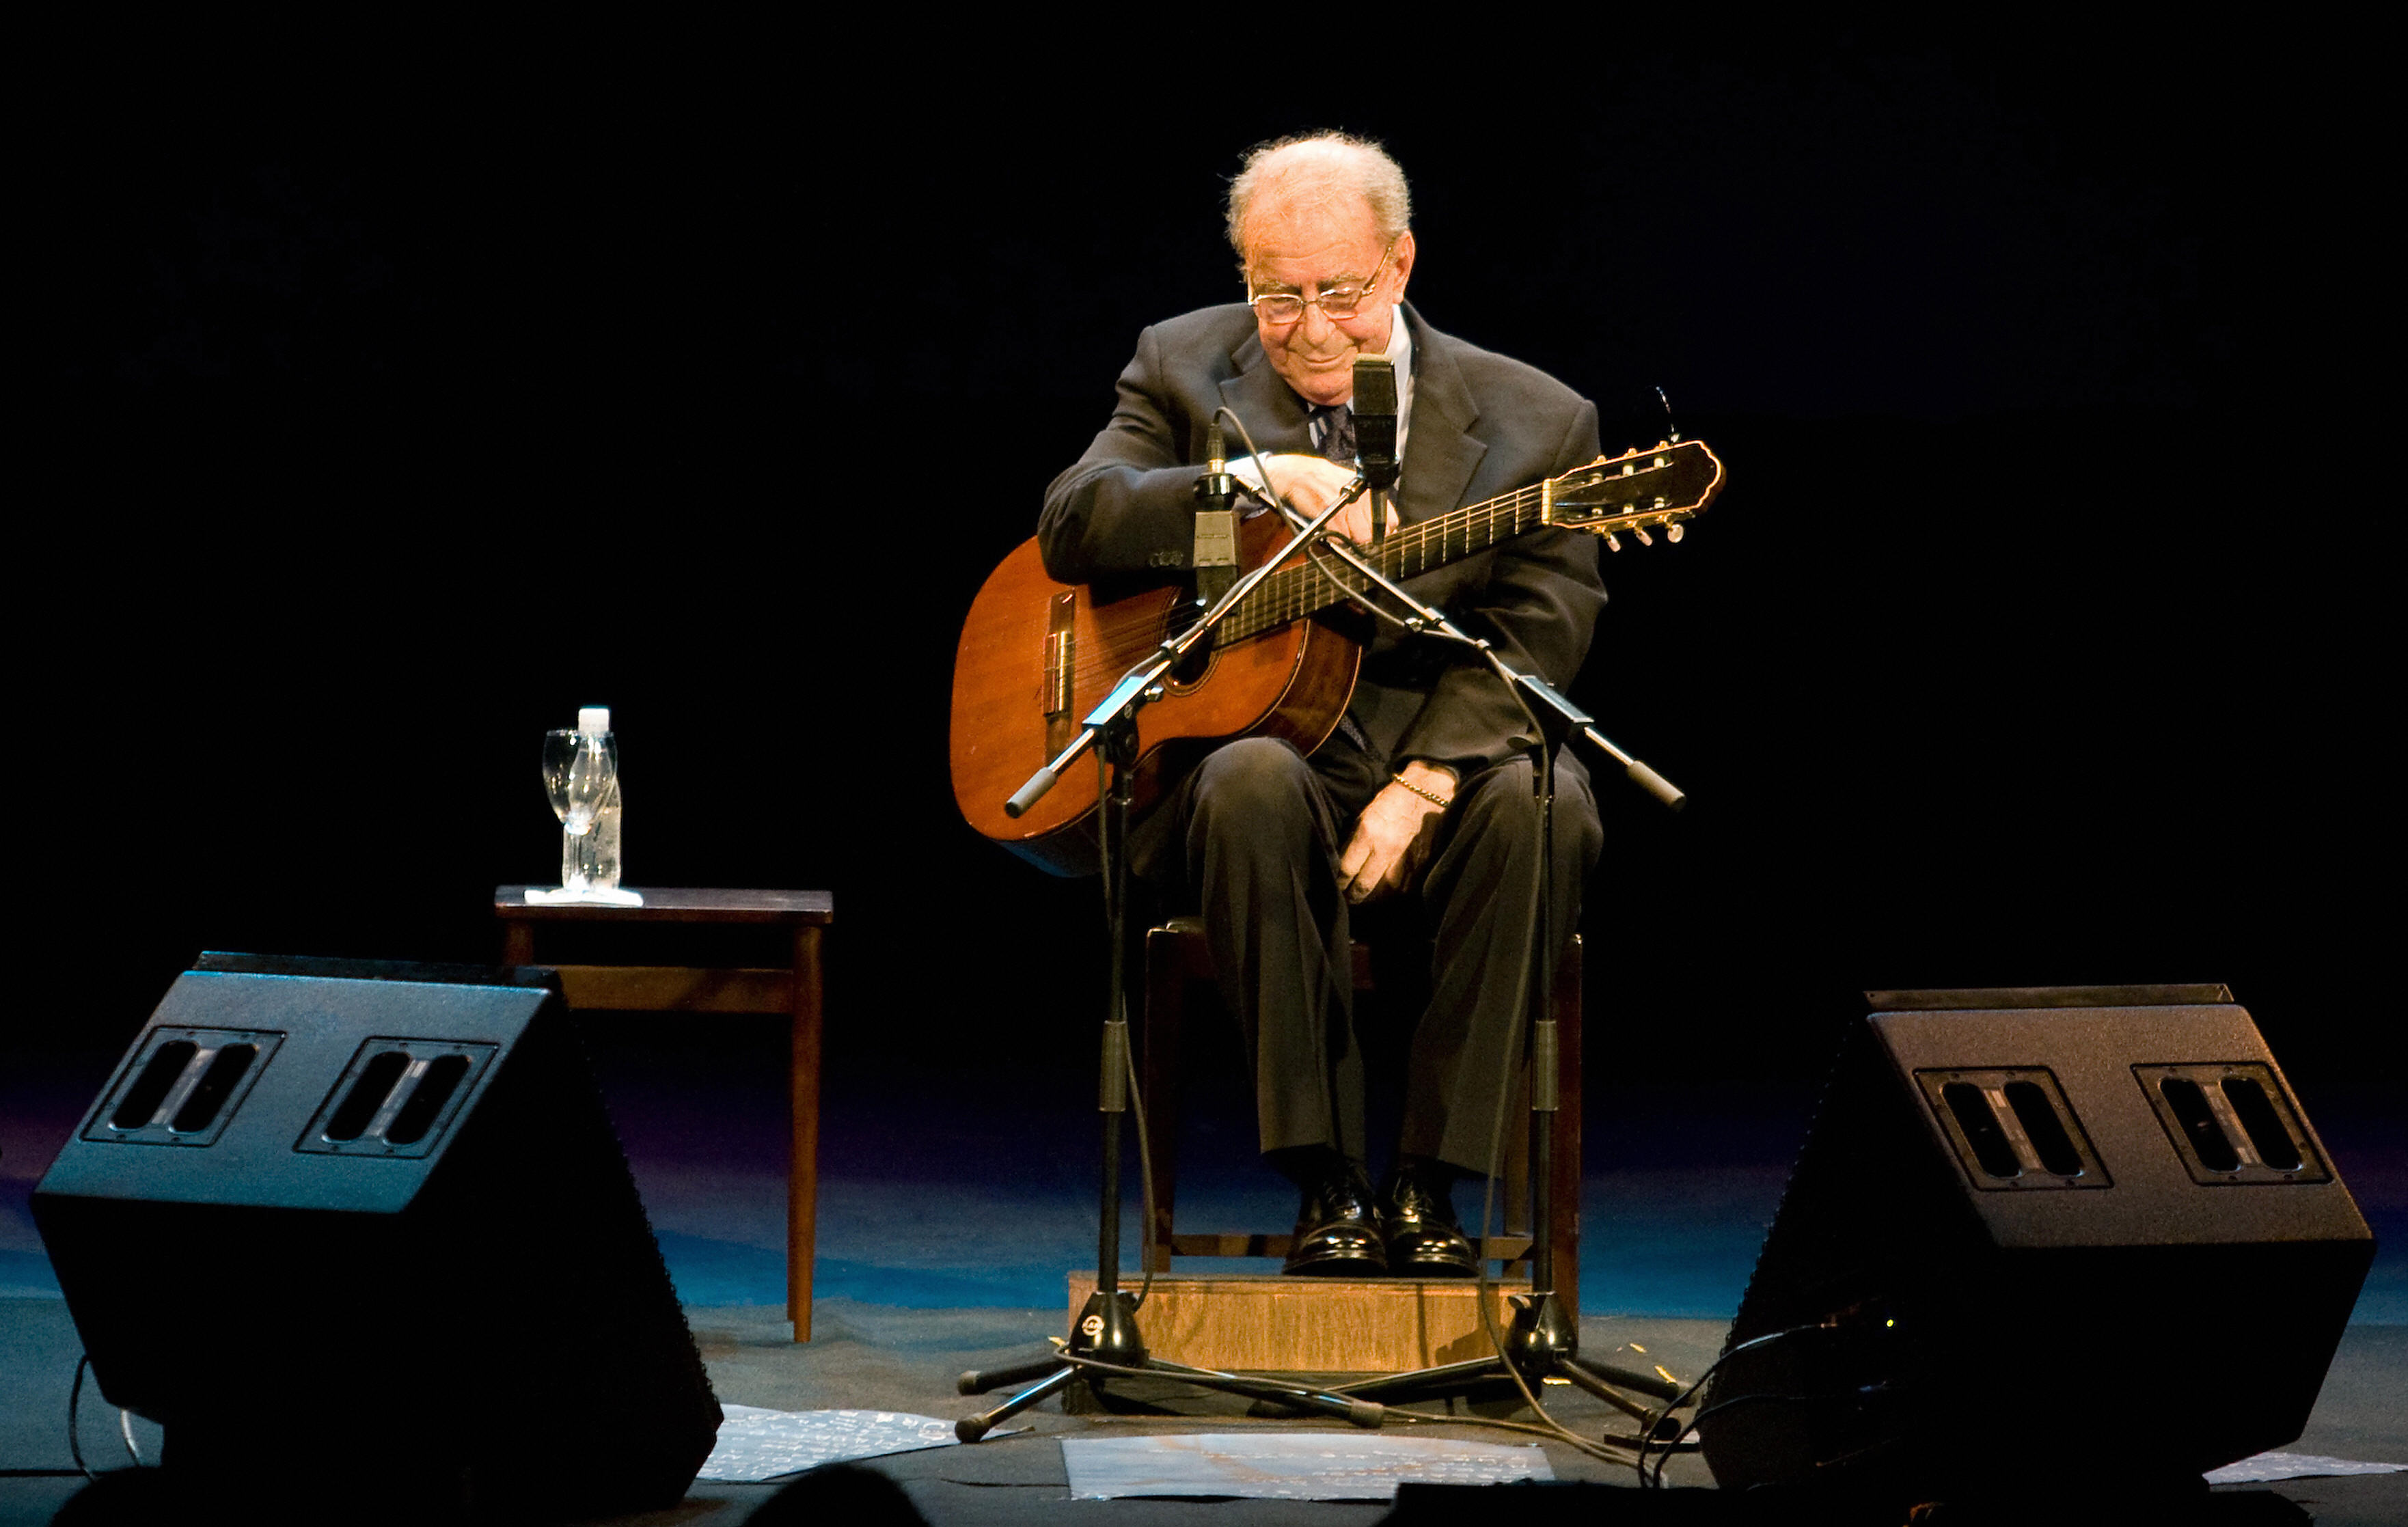 Bossa Nova Pioneer João Gilberto Dead at 88 | Guitarworld